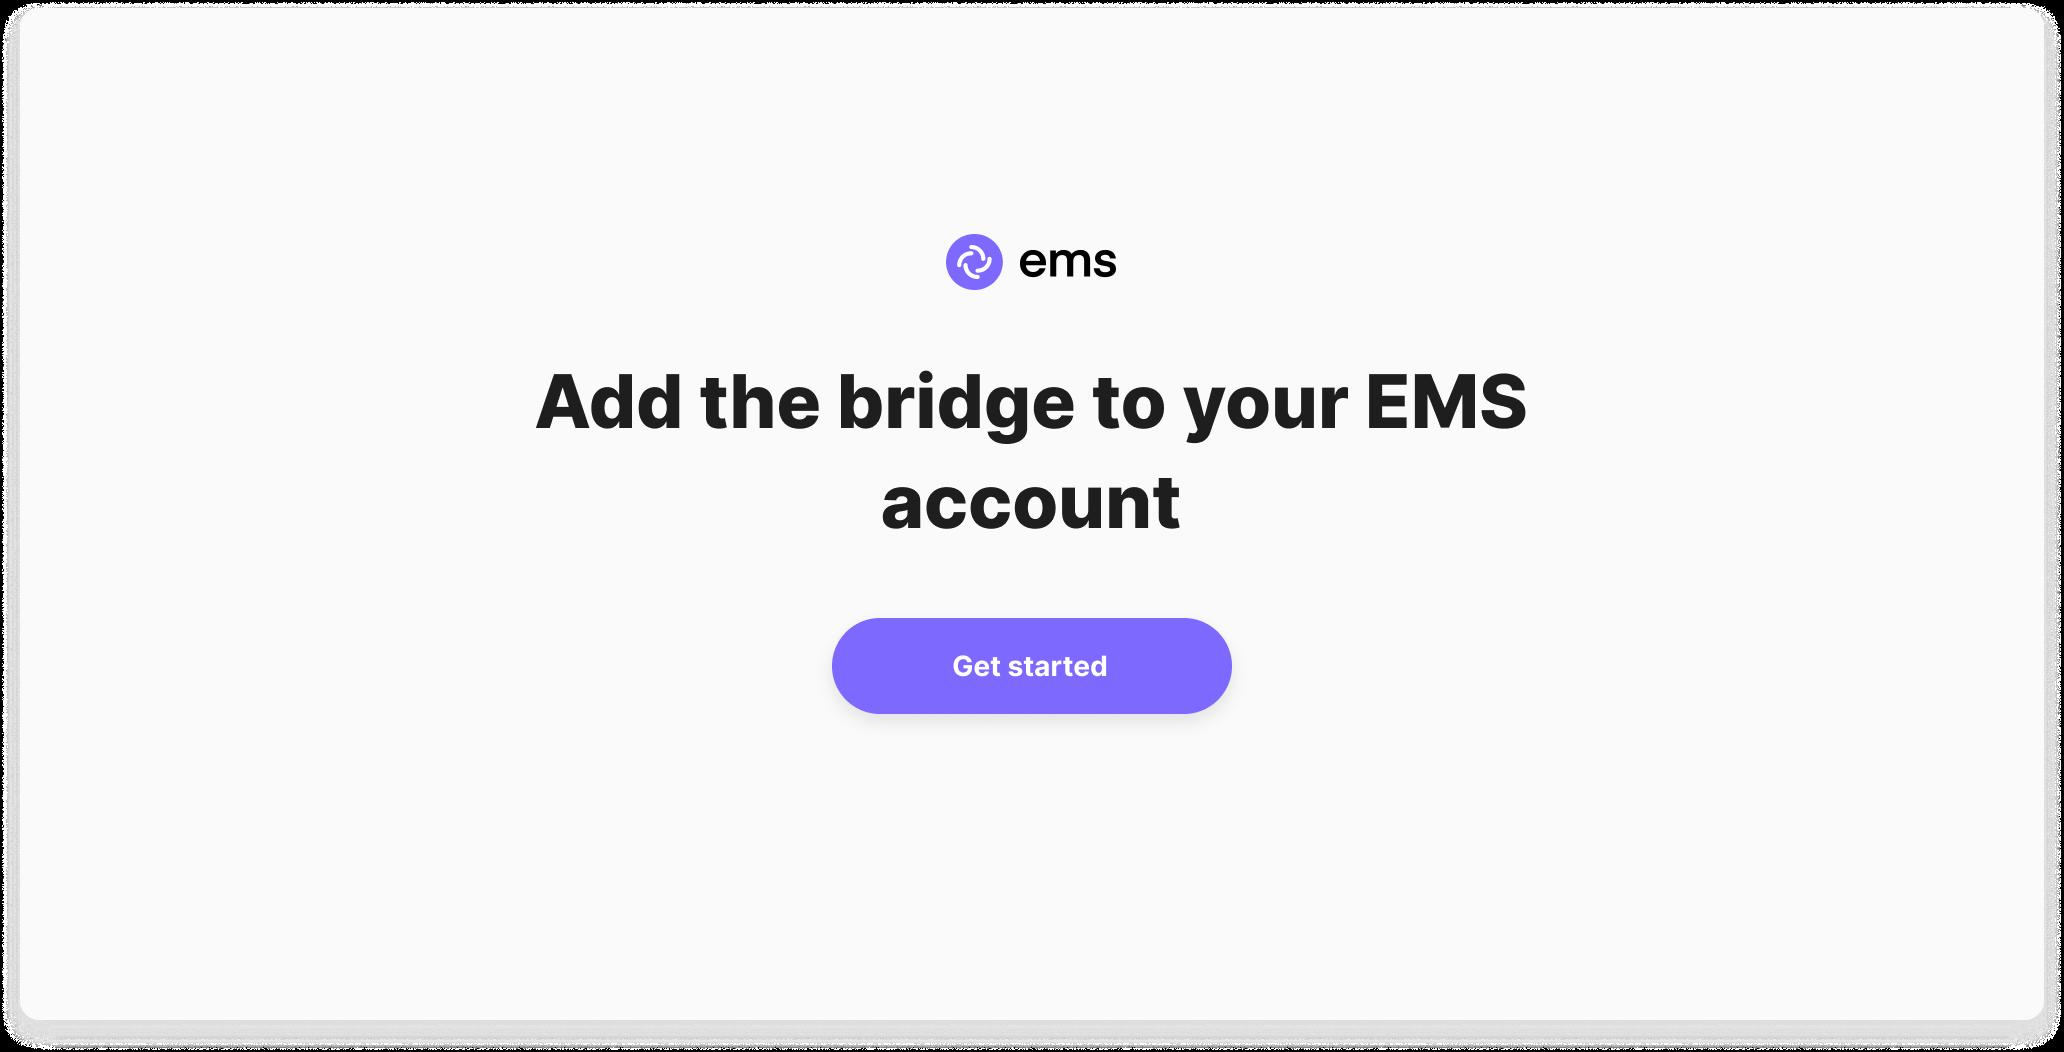 Ems-copy-2-2